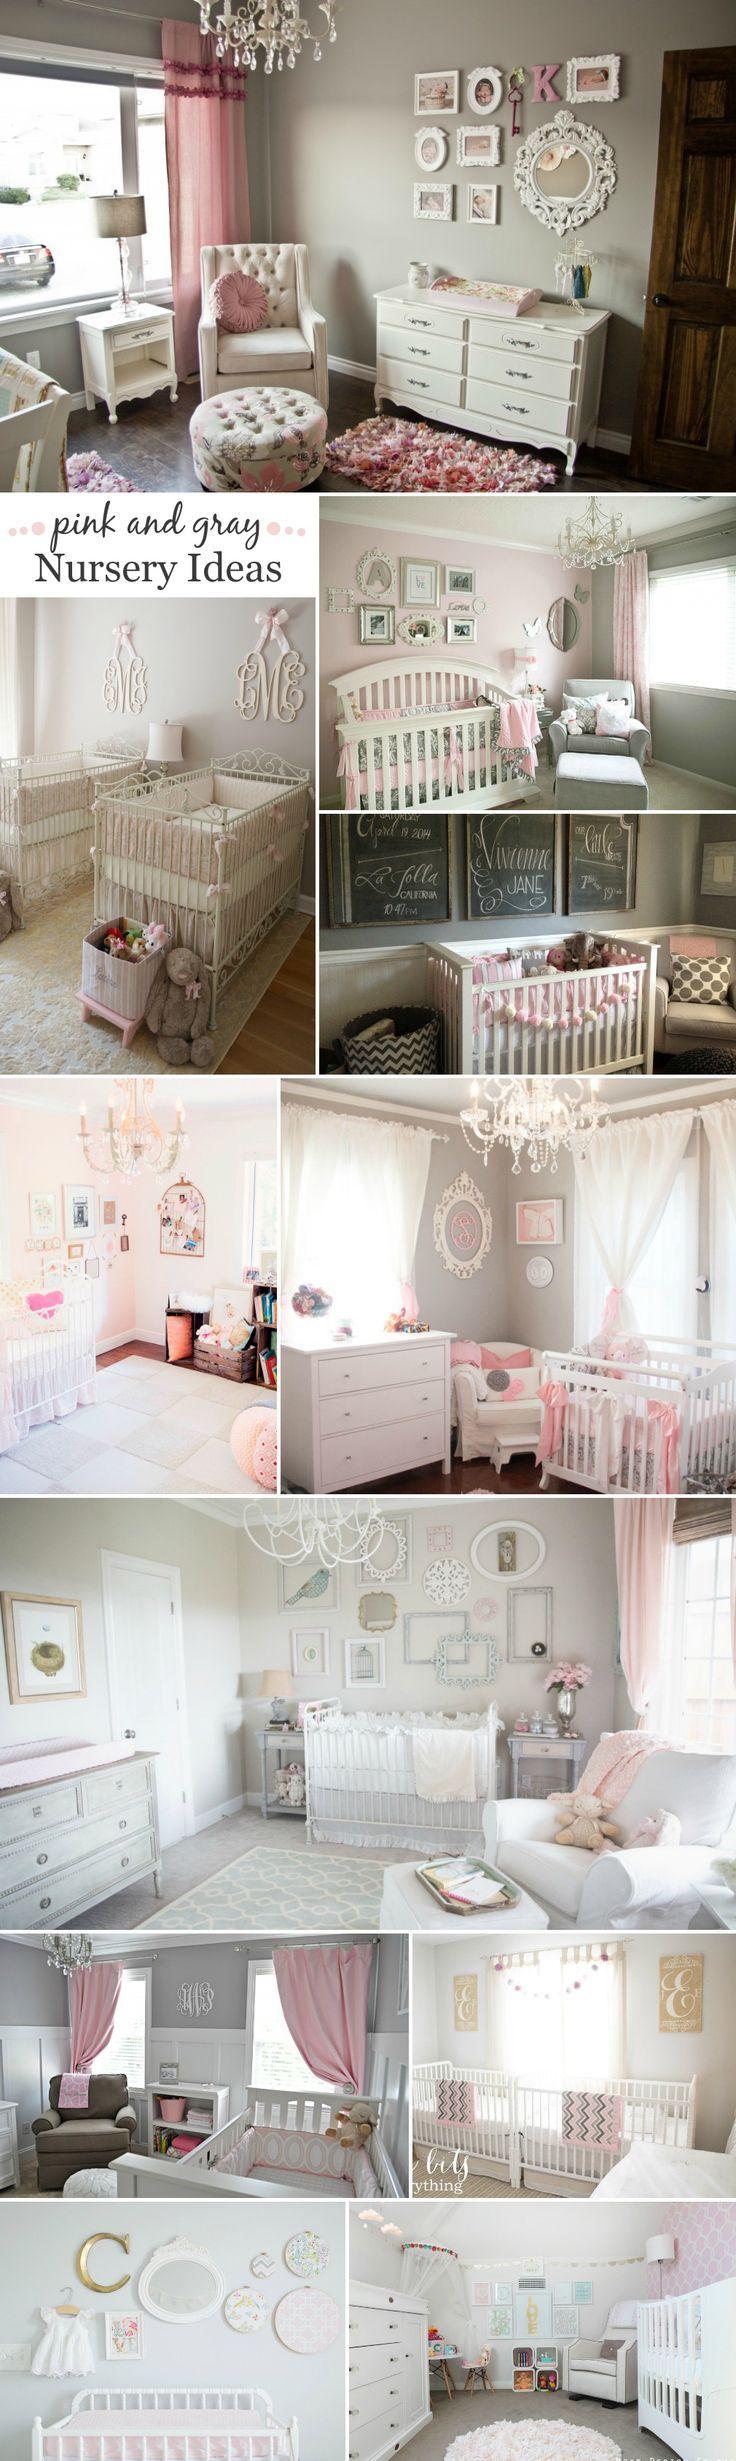 Decoracio de habitacion para bebe decoracion de for Decoracion para habitacion de bebe nina